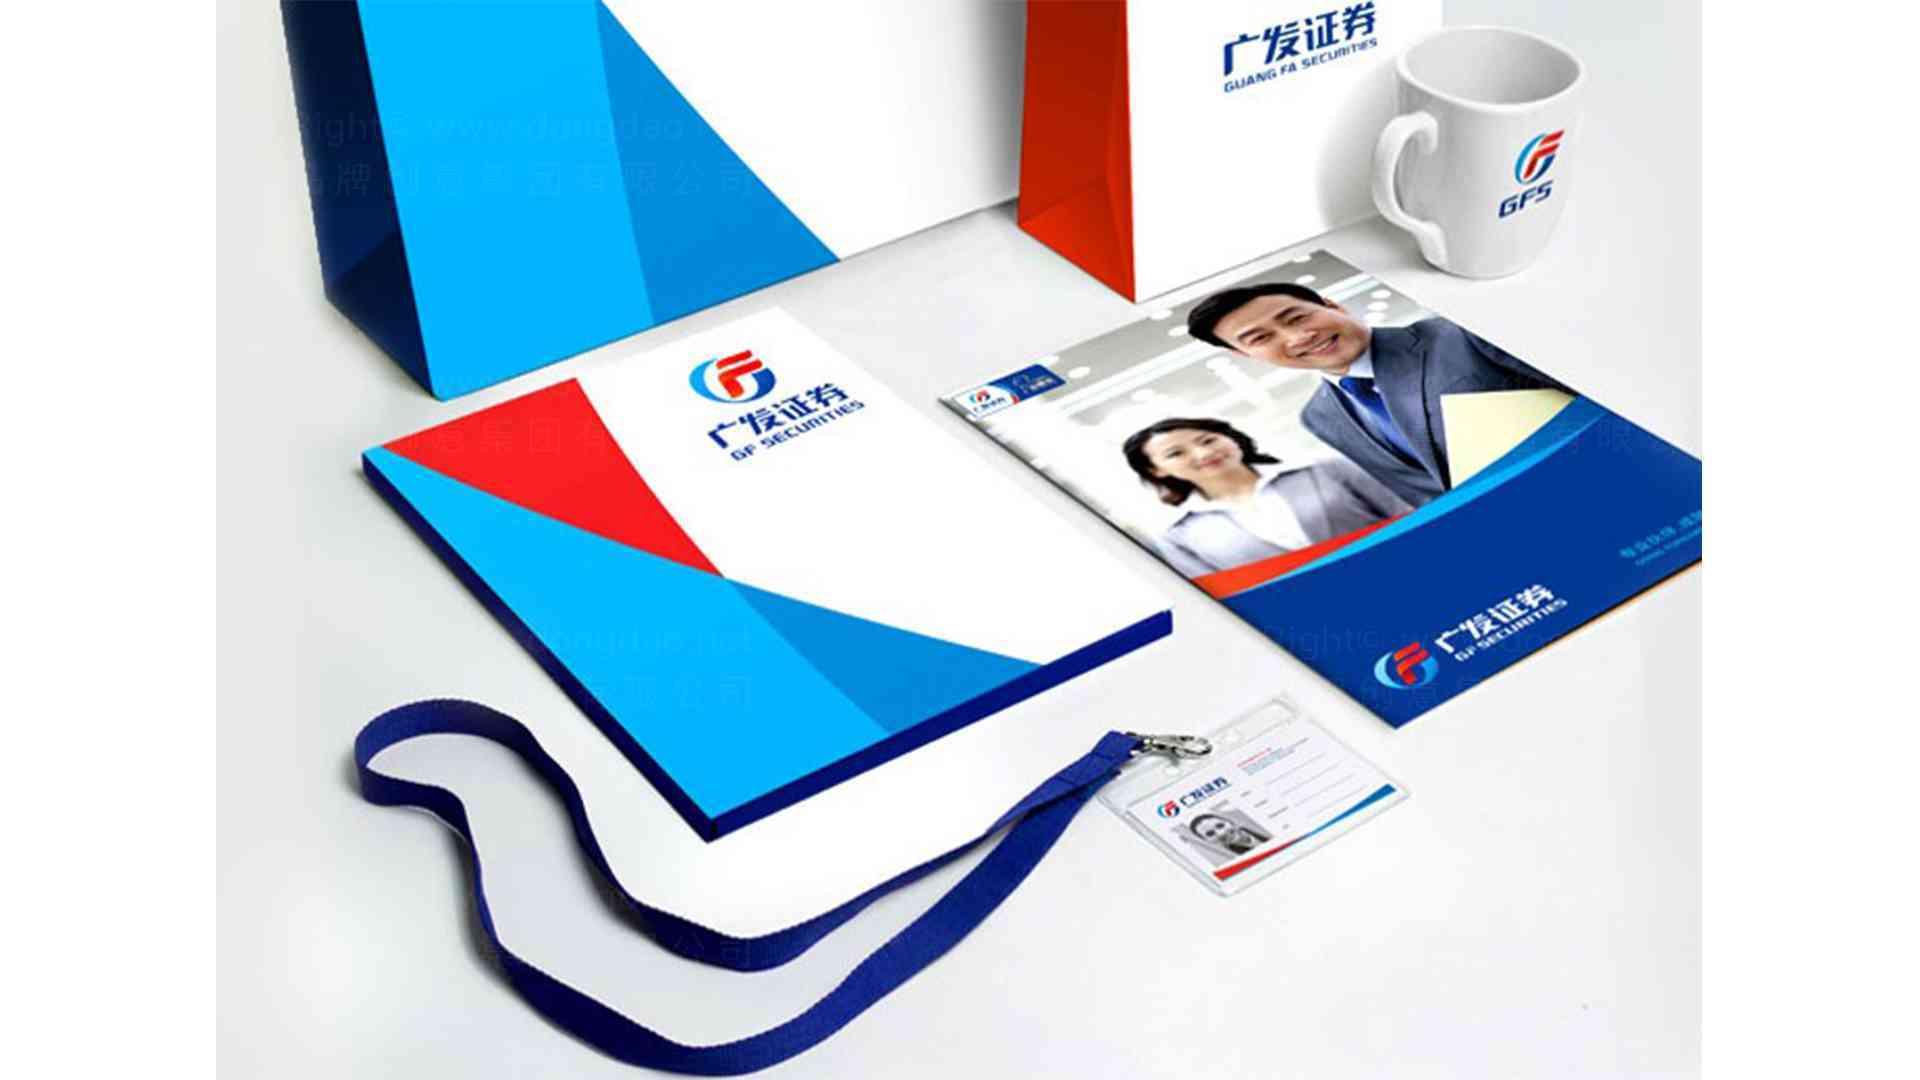 廣發證券SI設計